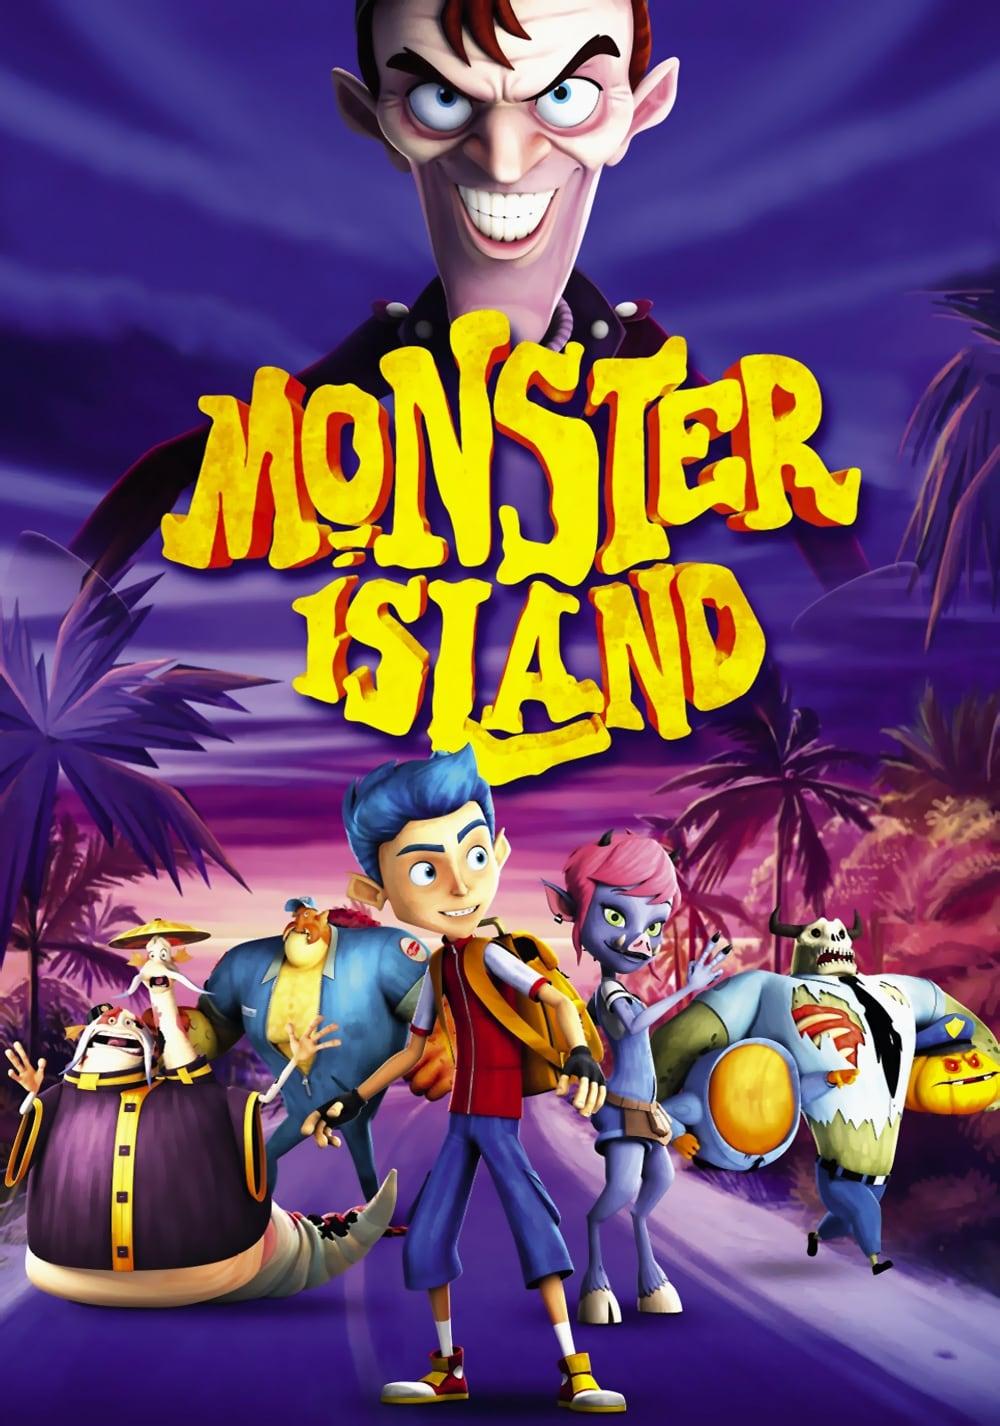 Assistir A Ilha dos Monstros Dublado Online Dublado 1080p